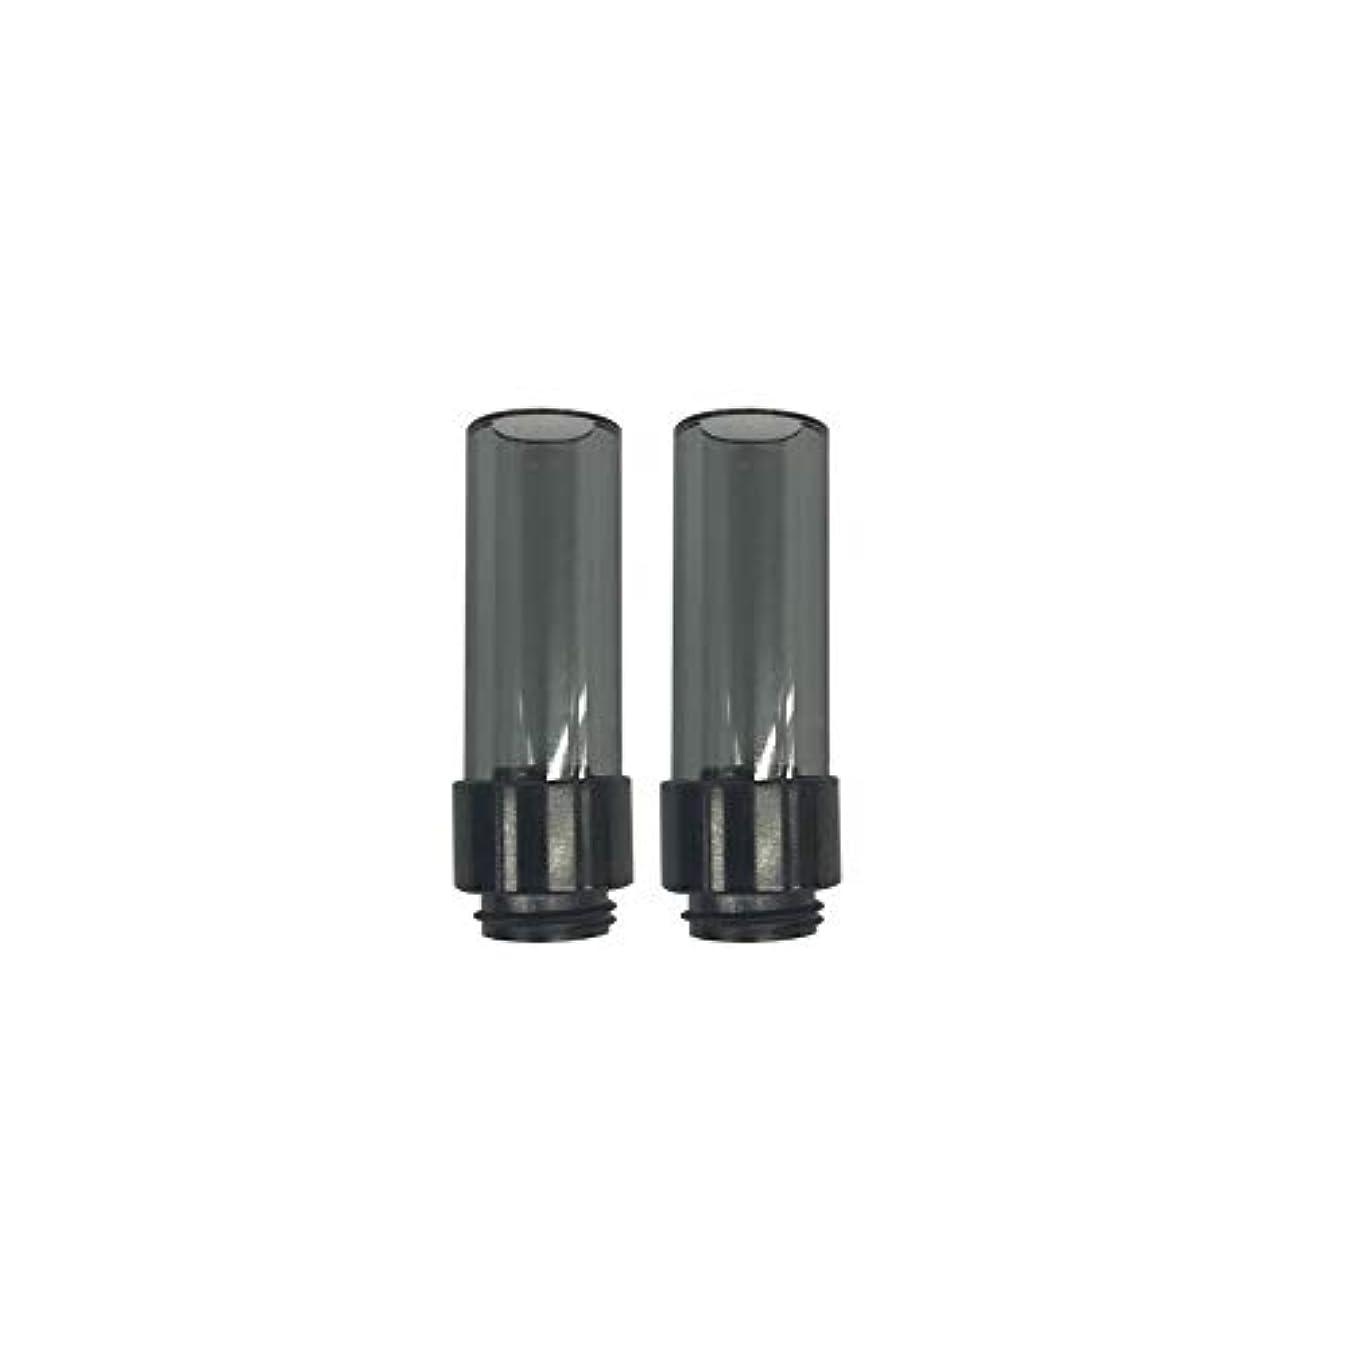 減衰ホーン自我電子タバコ ドリップチップ 交換用 予備 アクセサリー 耐熱 軽量 交換用 予備 割れ対策 FLOWERMATE V5 NANO (フラワーメイト ブイファイブ ナノ) 交換用 ガラス マウスピース 2個セット